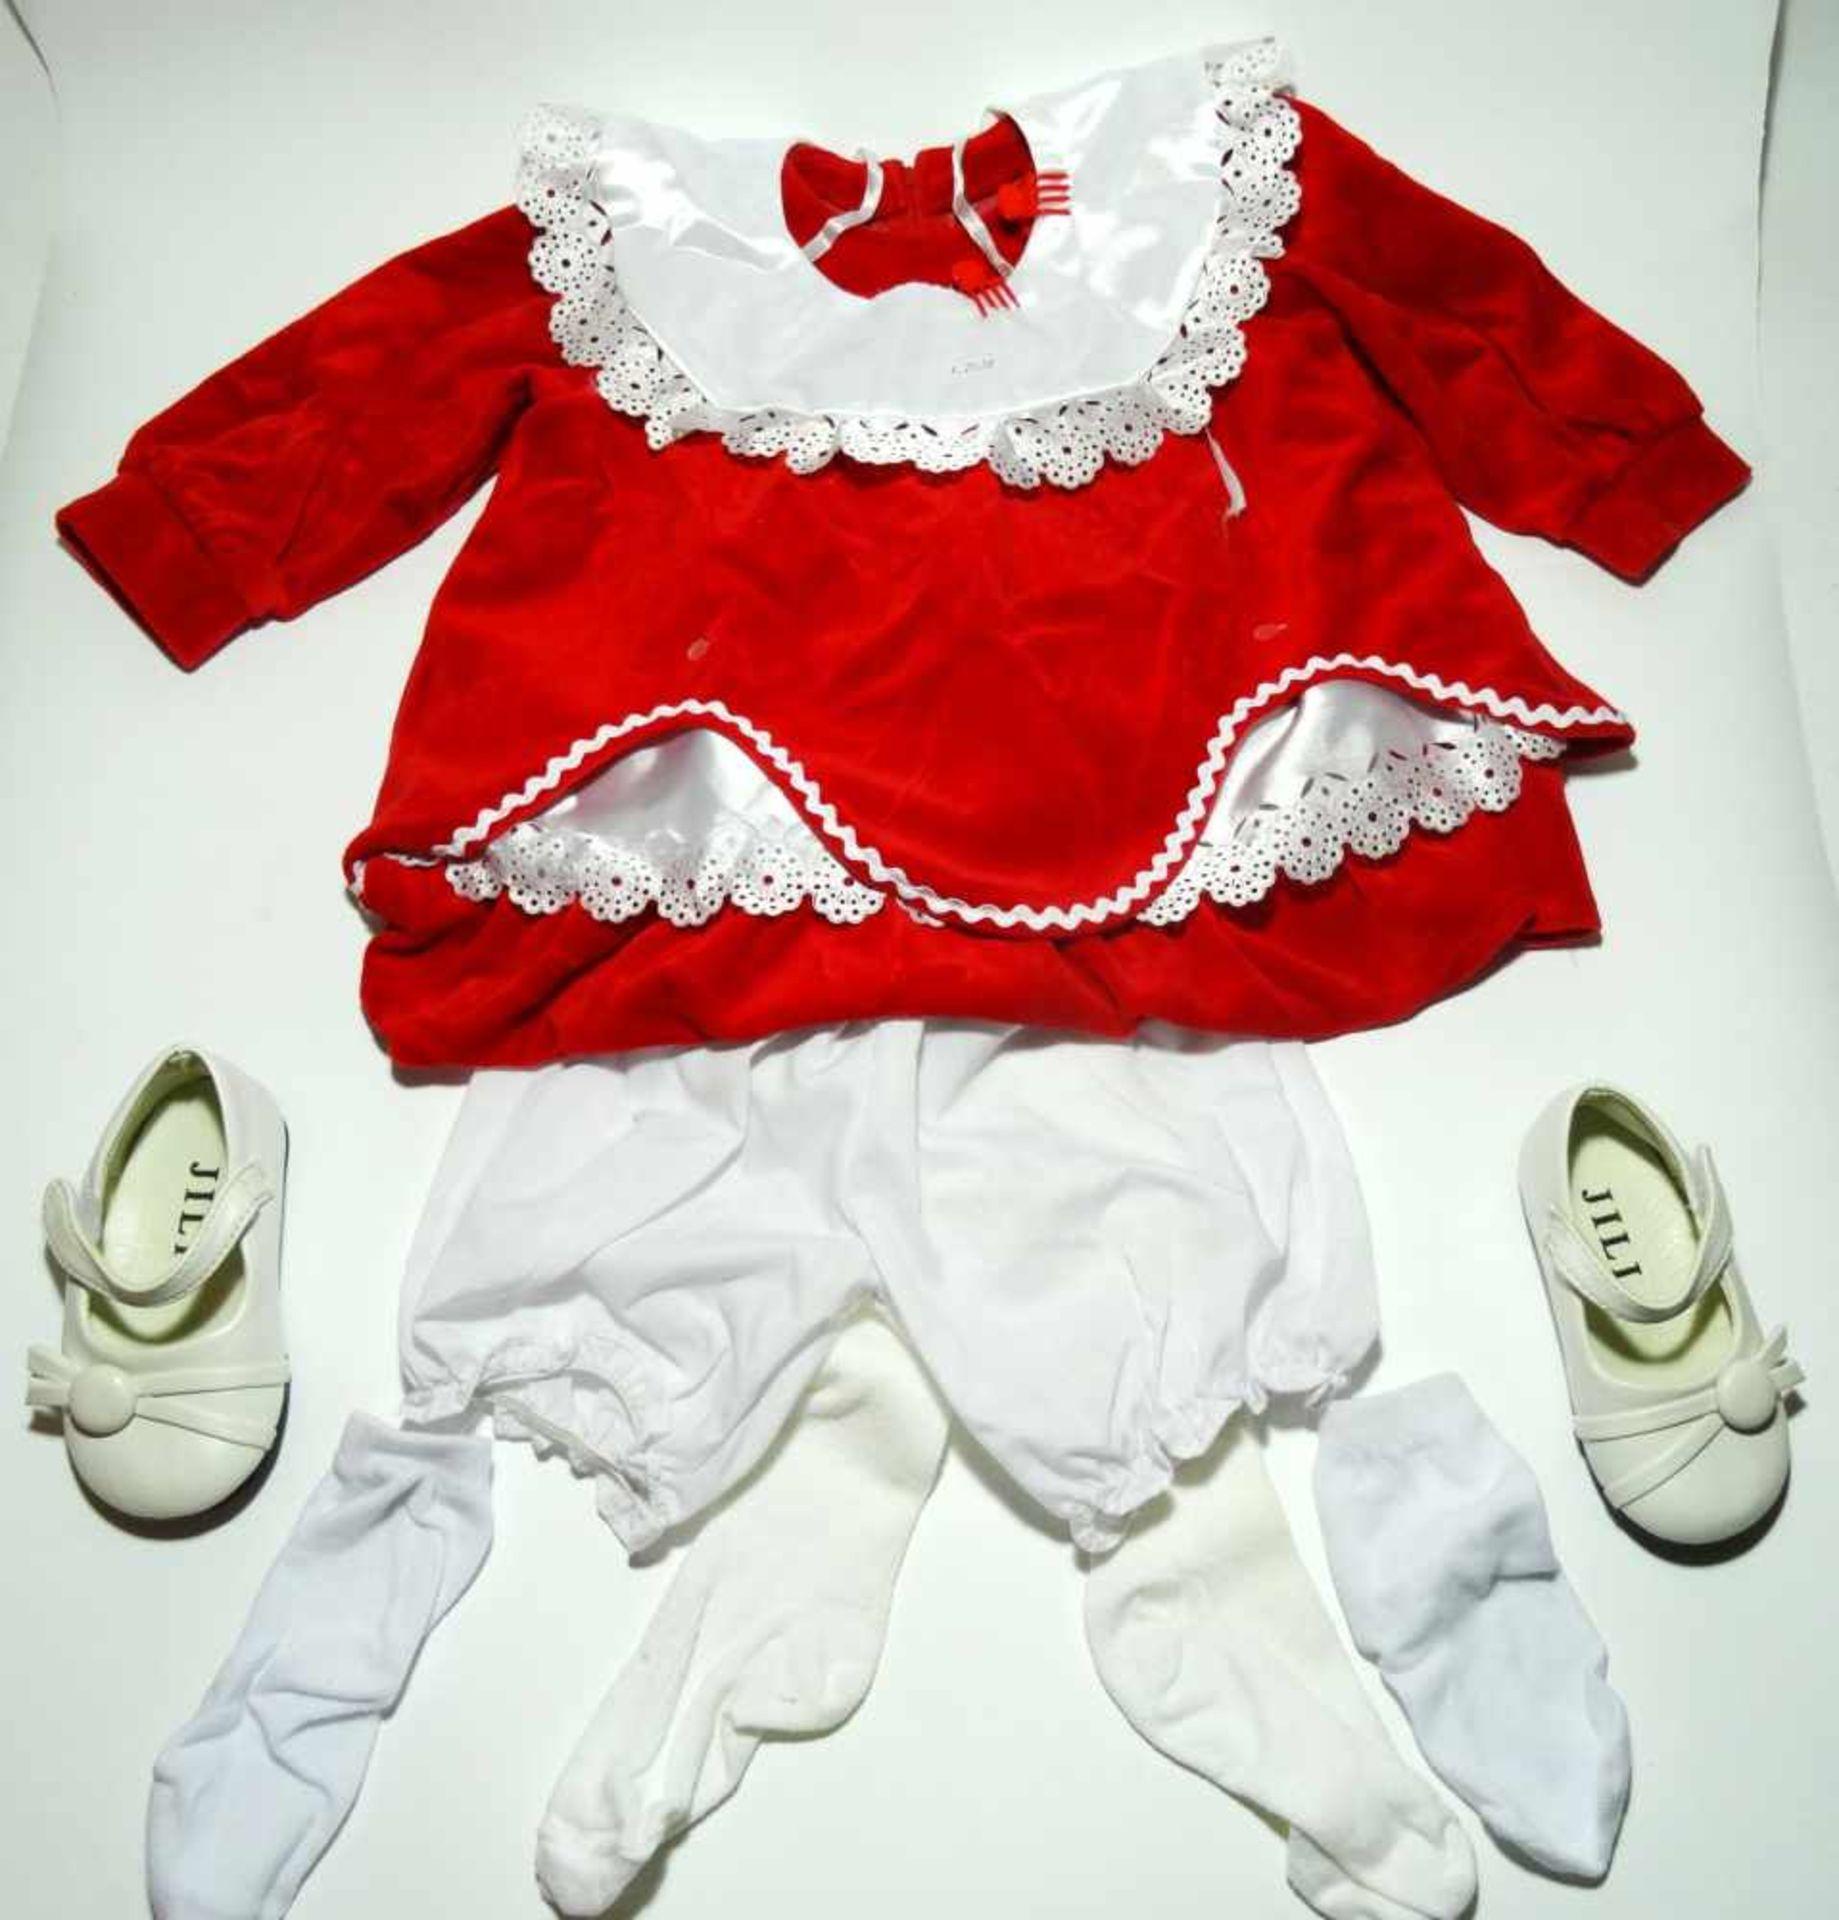 Sammlerpuppe ltd. Edition - Nina- in Freizeitbekleidung mit kleiner Puppe, Artist Doll Linda - Bild 3 aus 5